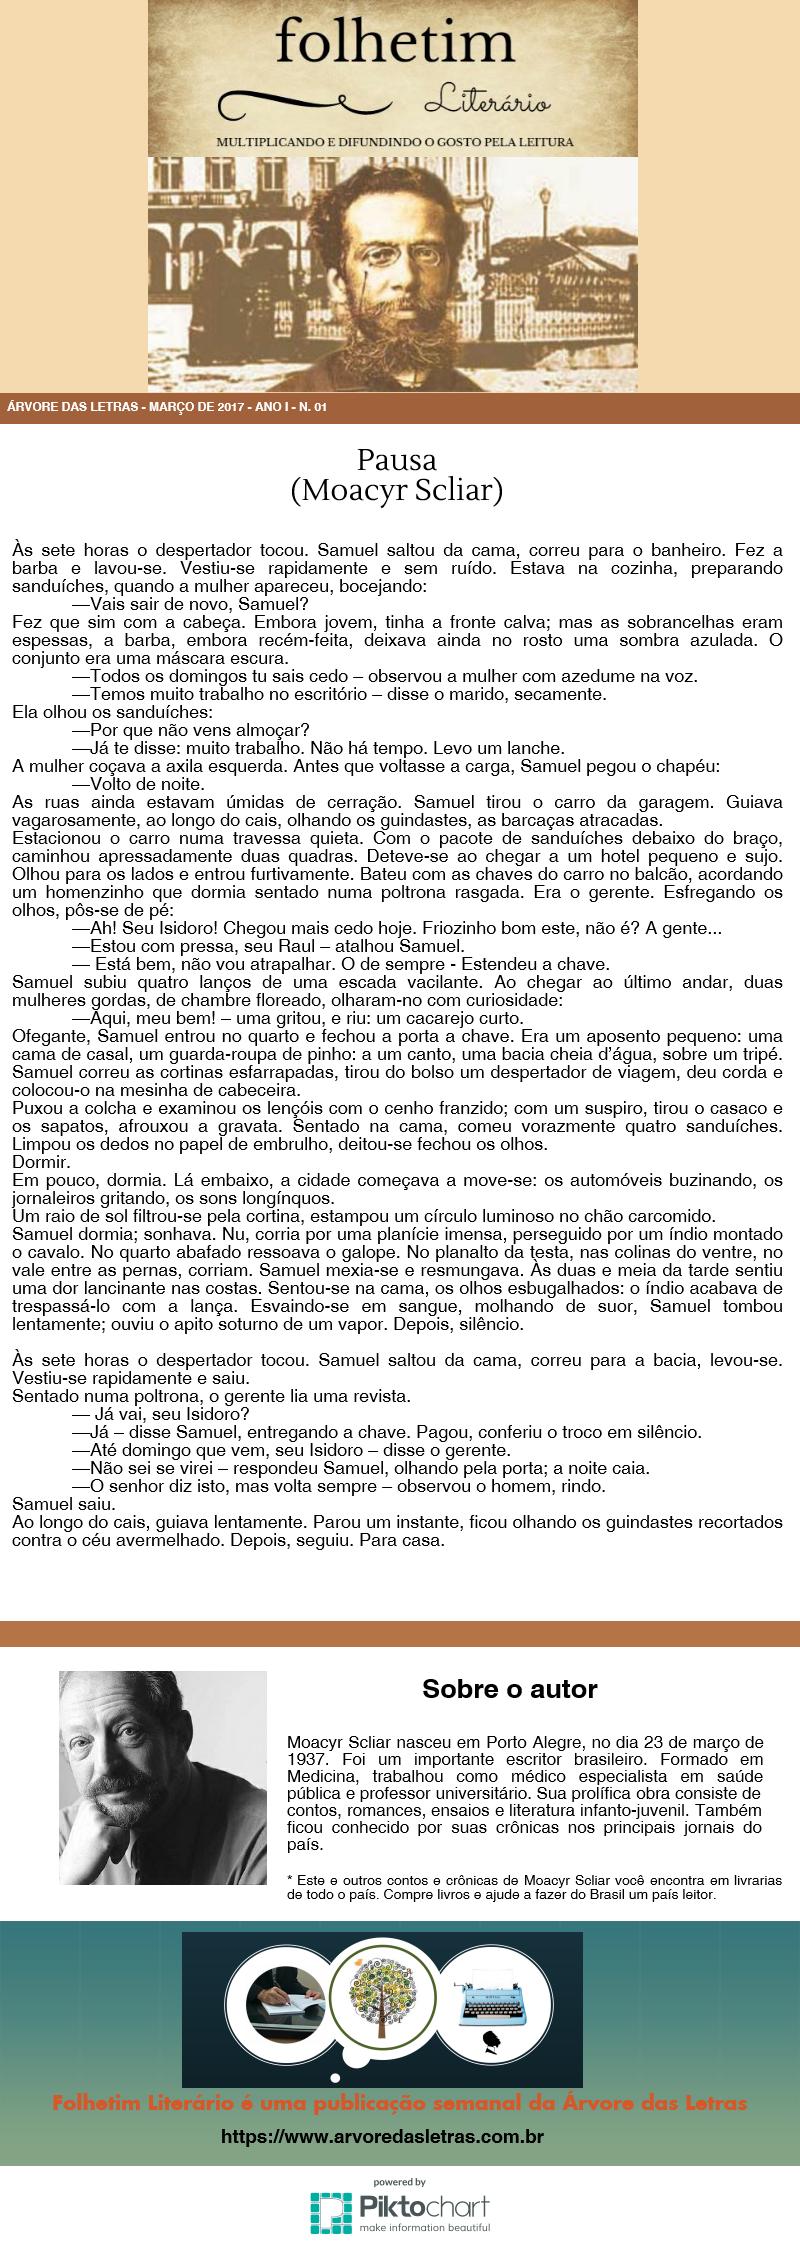 Pausa - Moacyr Scliar